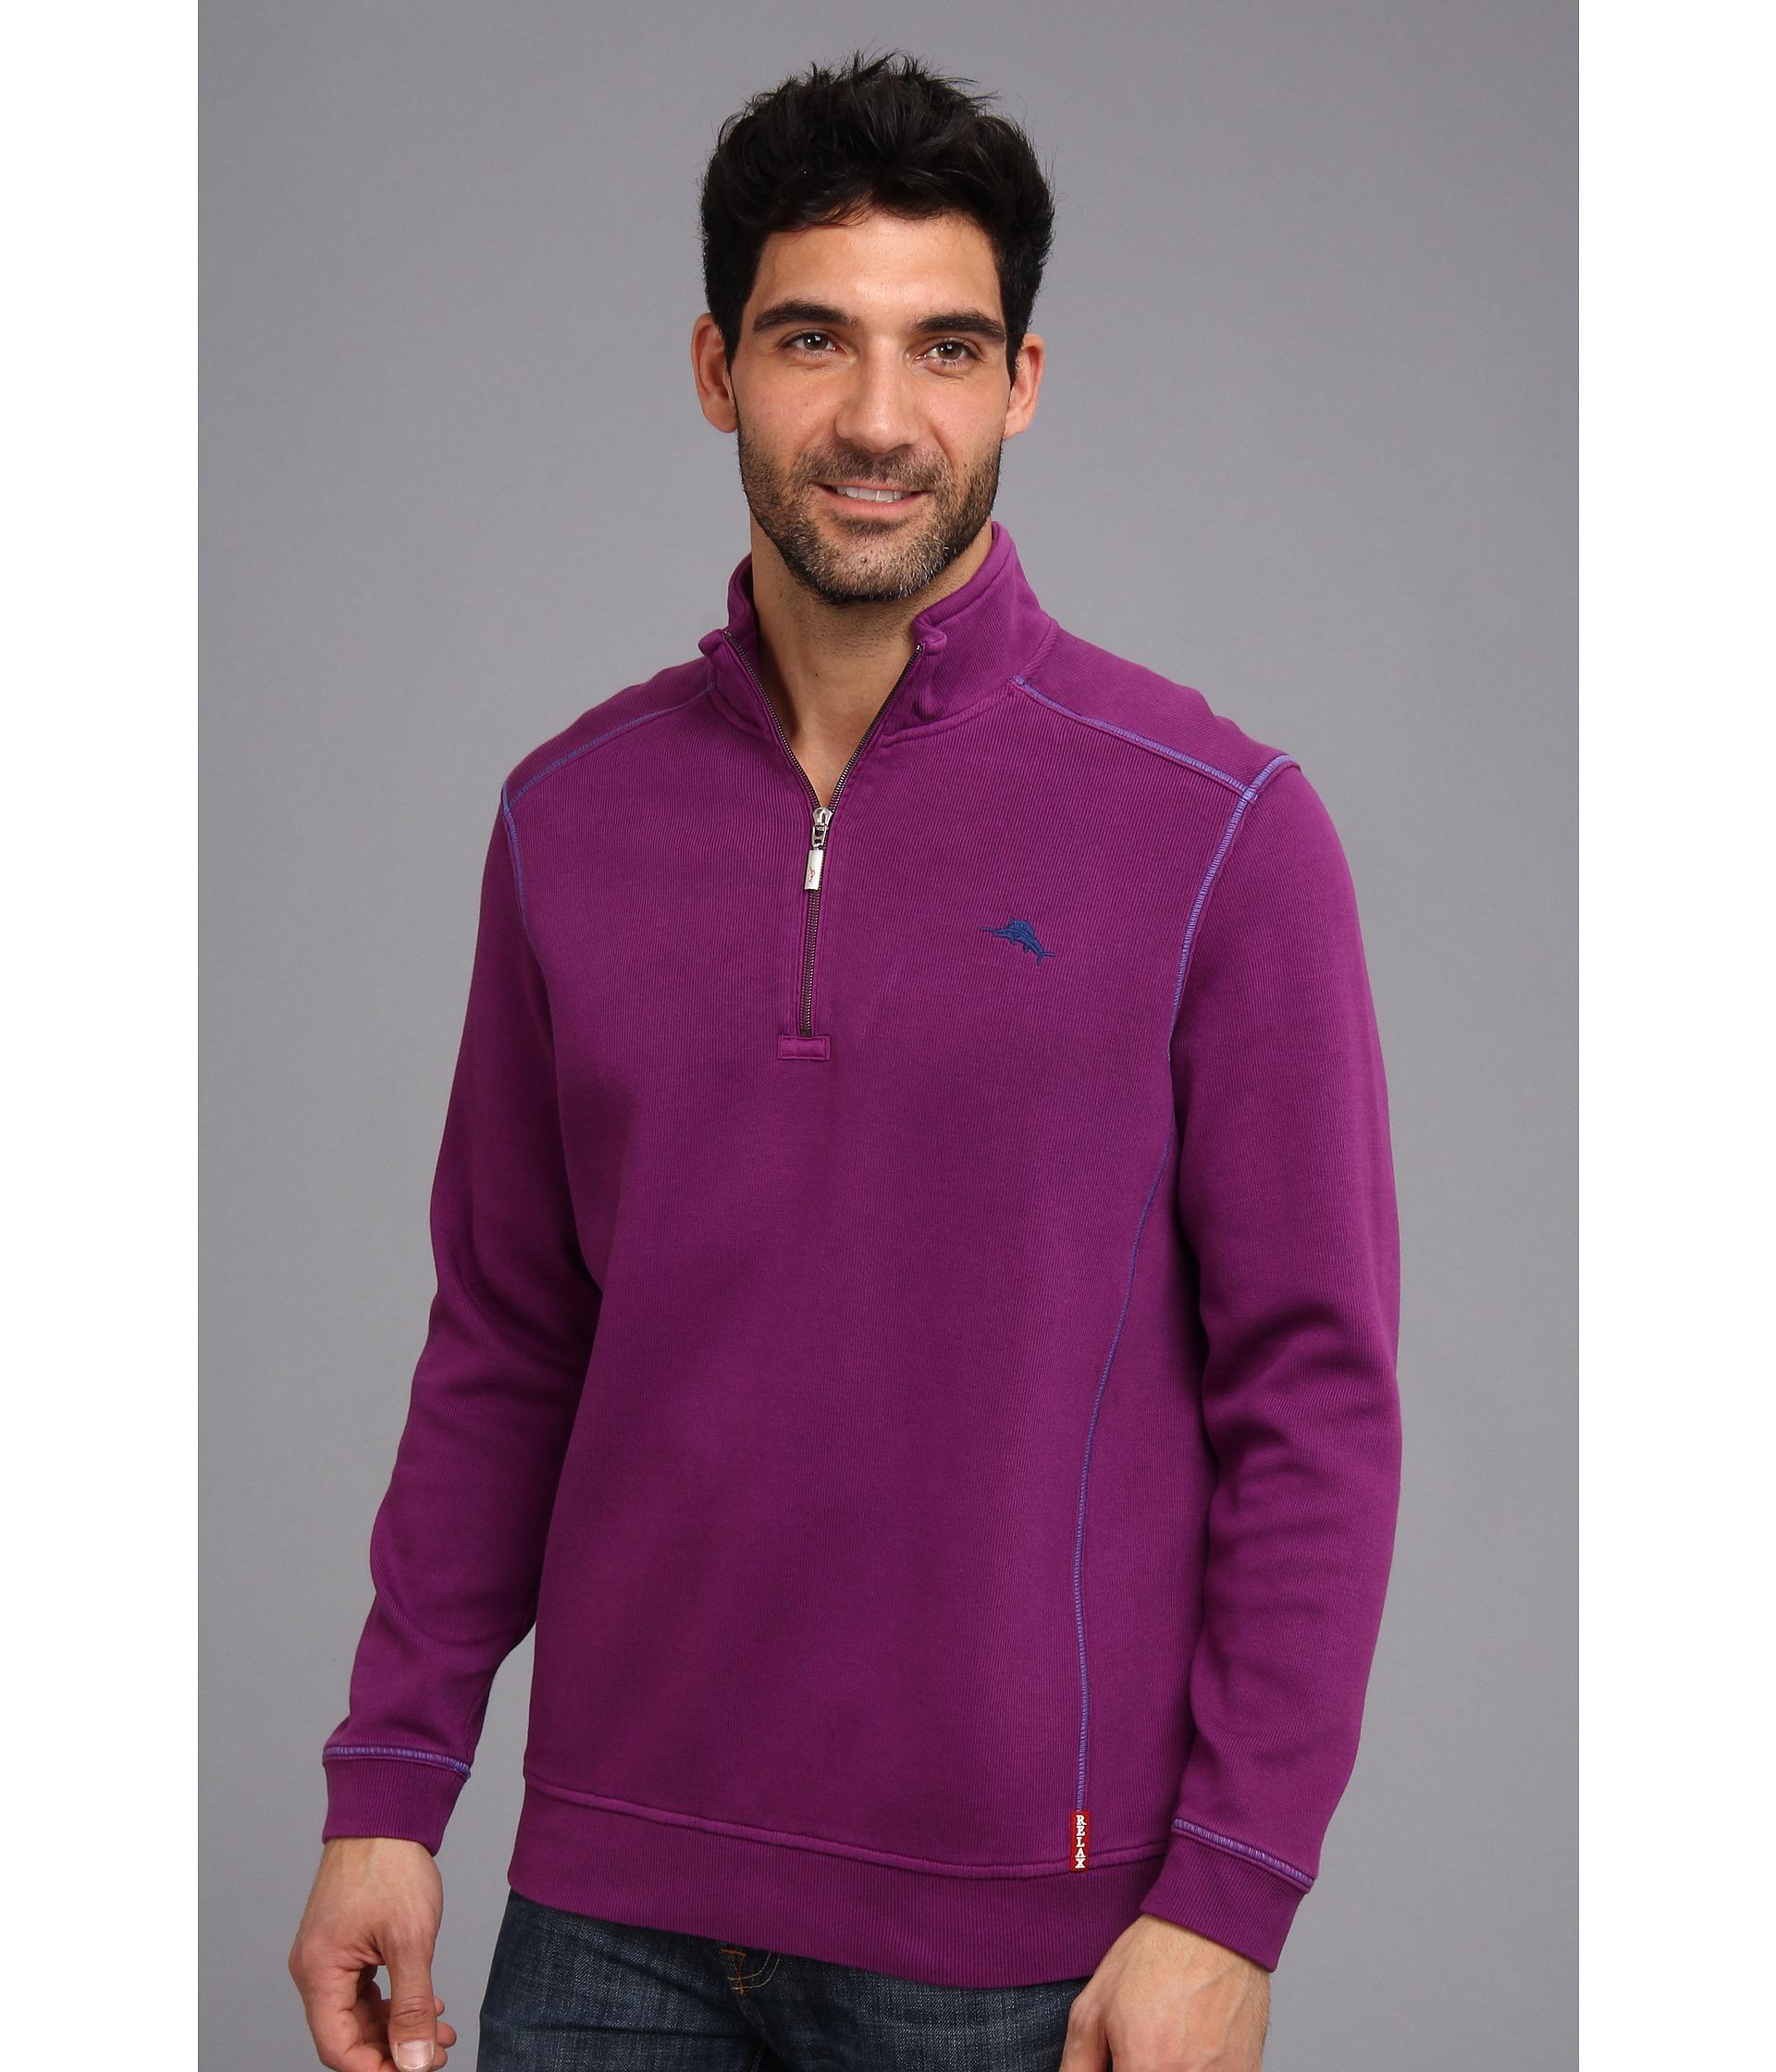 Tommy Bahama Antigua Half Zip Sweatshirt In Purple For Men